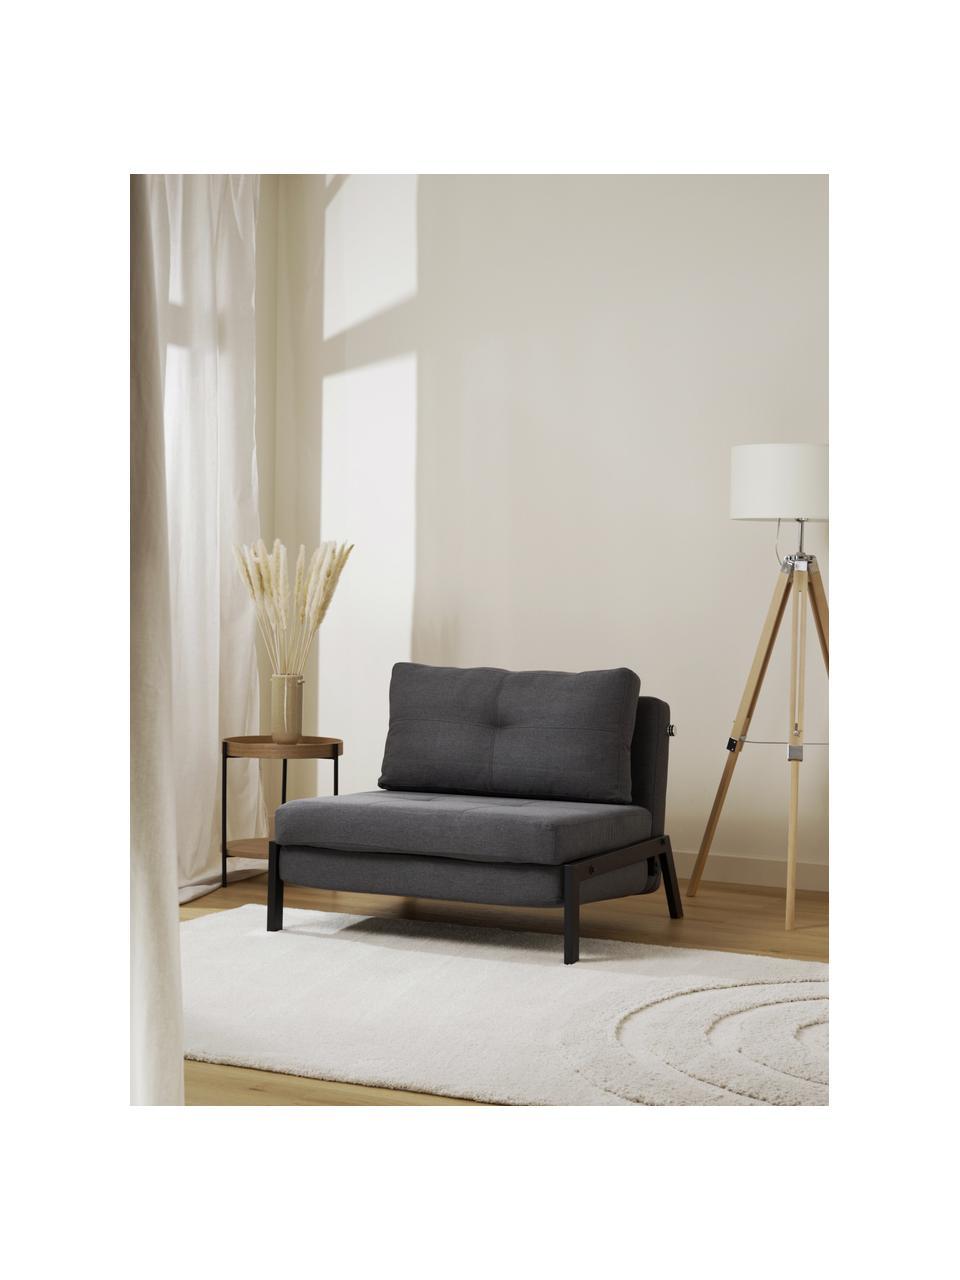 Fotel z funkcją spania z metalowymi nogami Edward, Tapicerka: 100% poliester 40000 cyk, Ciemny szary, S 96 x G 98 cm